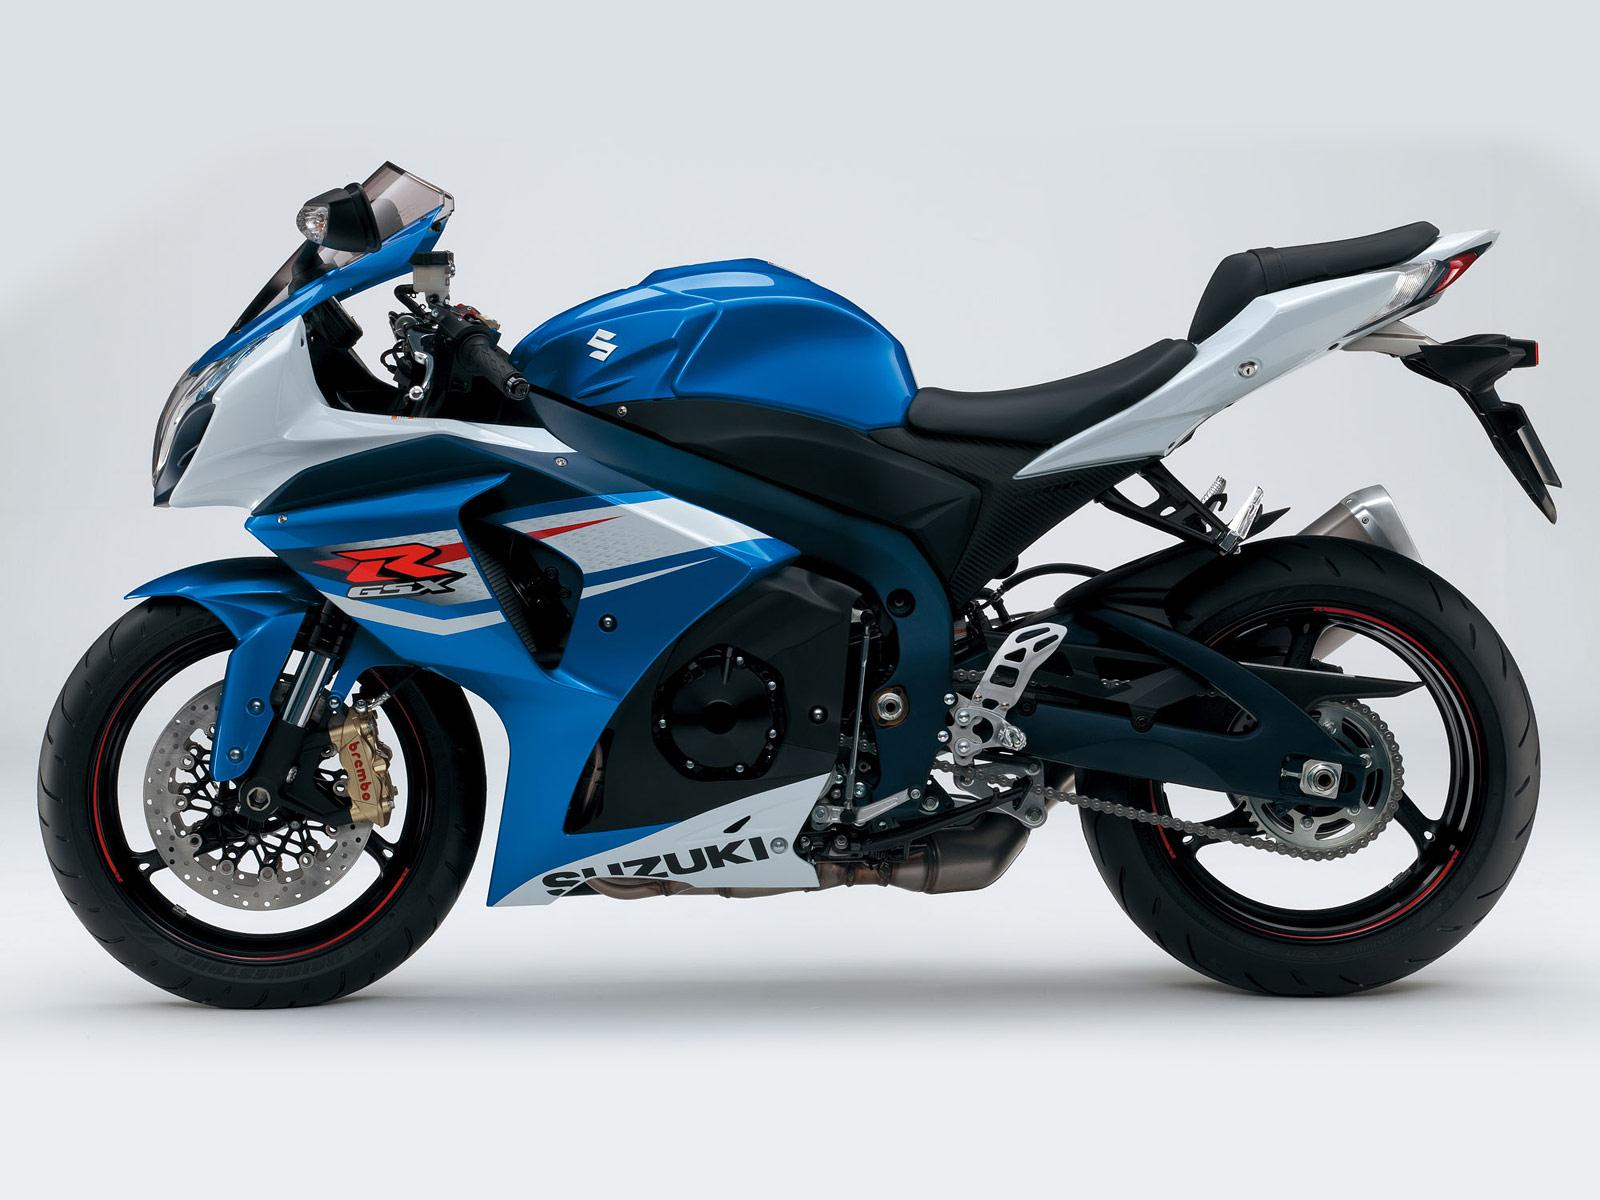 2012 SUZUKI GSXR1000 specifications Gambar motor